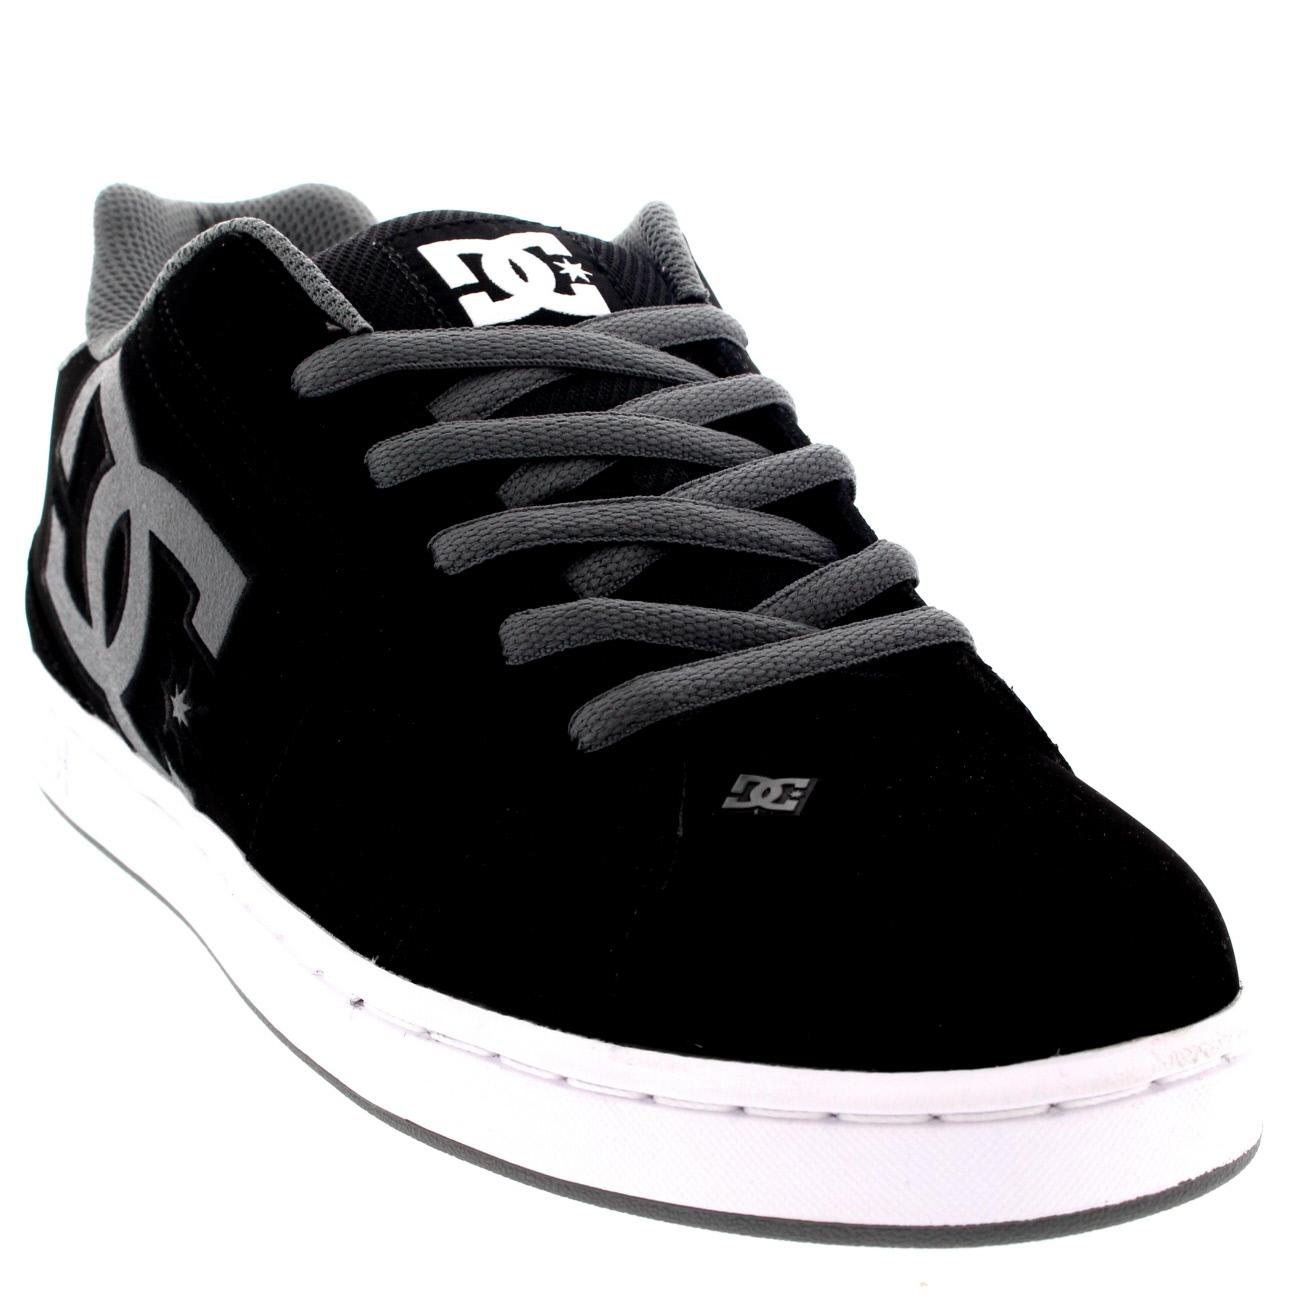 Dc Shoes Hombre Formadores Netos Negros tWIJMF